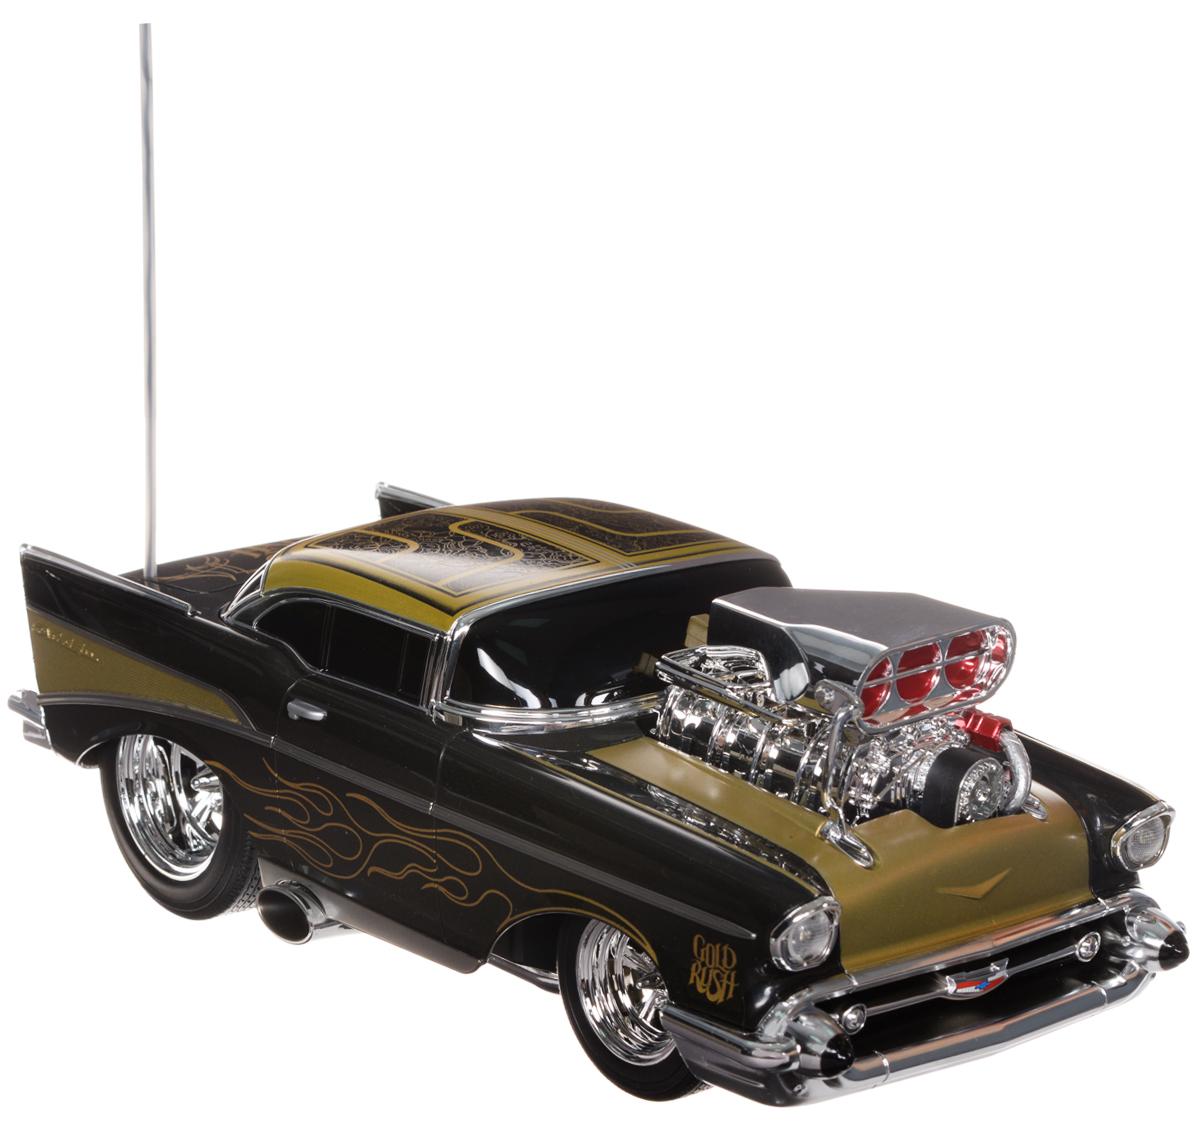 Maisto Радиоуправляемая модель Chevrolet Bel Air цвет черный золотистый81302_черный, золотойРадиоуправляемая машина Chevrolet Bel Air доставит массу приятных впечатлений людям любого возраста. Игрушка отличается ярким, стильным дизайном и удобным управлением. Это самый настоящий раритетный автомобиль 1957 года, идеальный подарок для любителей автомобильной техники и стиля Ретро. Модель дополнена хромированными деталями и двигателем на капоте. Полный привод (вперед, назад, вправо, влево) обеспечивает отличную проходимость. Модель обладает высокой стабильностью движения, что позволяет полностью контролировать процесс, управляя уверенно и без суеты. При движении машины вперед и назад загорается подсветка. Такая модель станет достойным подарком не только любителю автомобилей, но и человеку, ценящему оригинальность и изысканность, а качество исполнения представит такой подарок в самом лучшем свете. 3-канальный пульт управления работает на частоте 27 MHz. Для работы игрушки необходимы 3 батарейки типа АА (товар комплектуется демонстрационными). ...